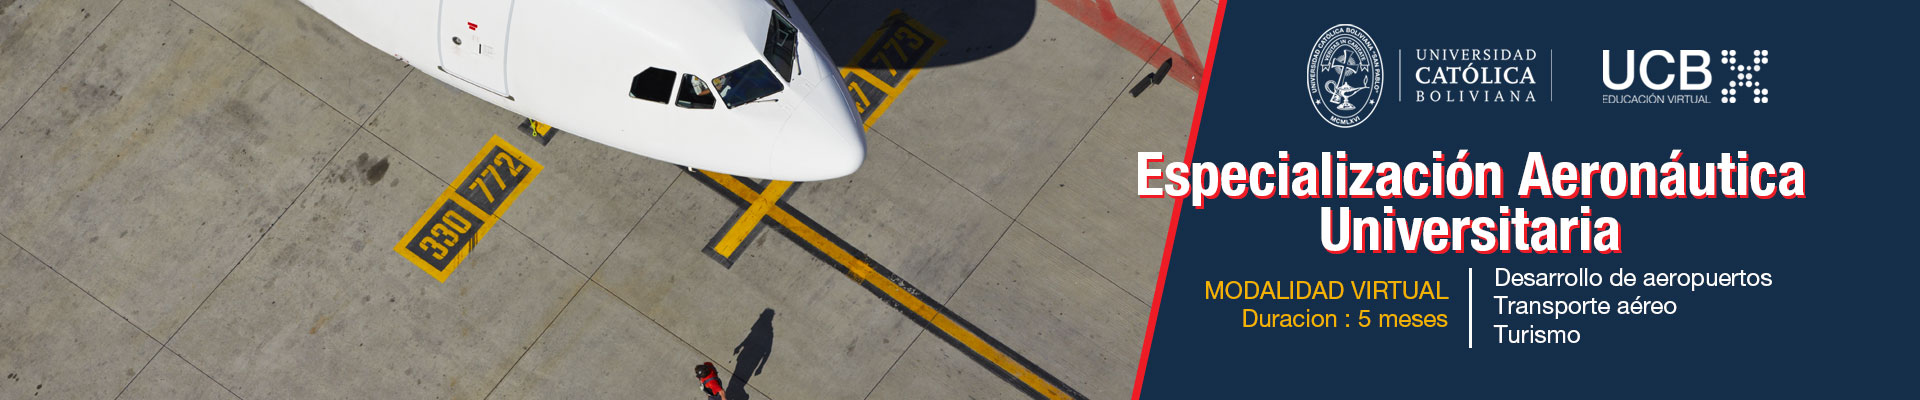 Especializacion-Aeronautica